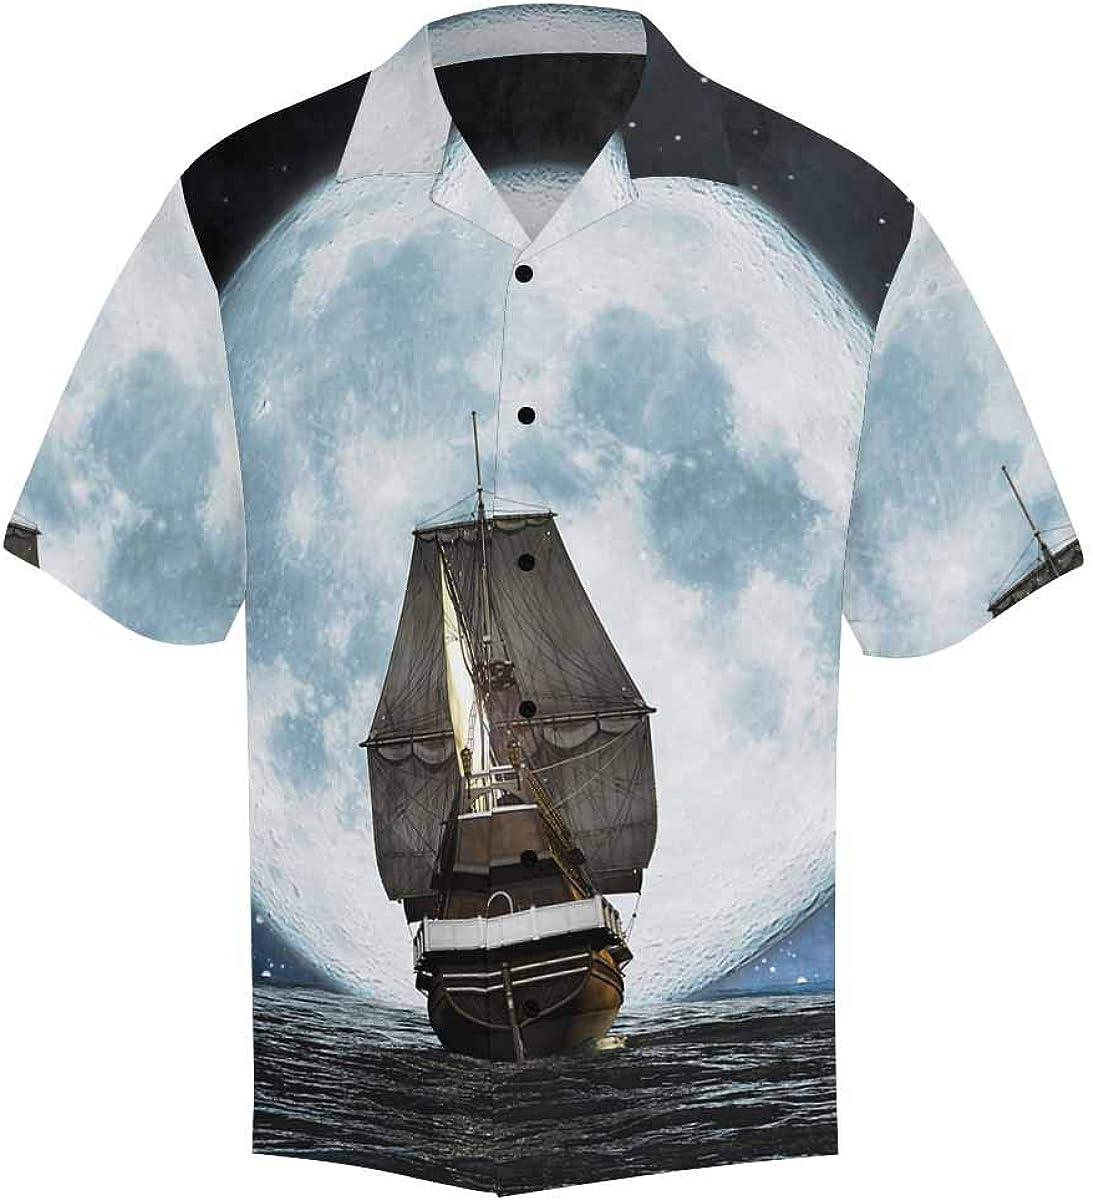 InterestPrint Men's Casual Button Down Short Sleeve Music Bear Hawaiian Shirt (S-5XL)